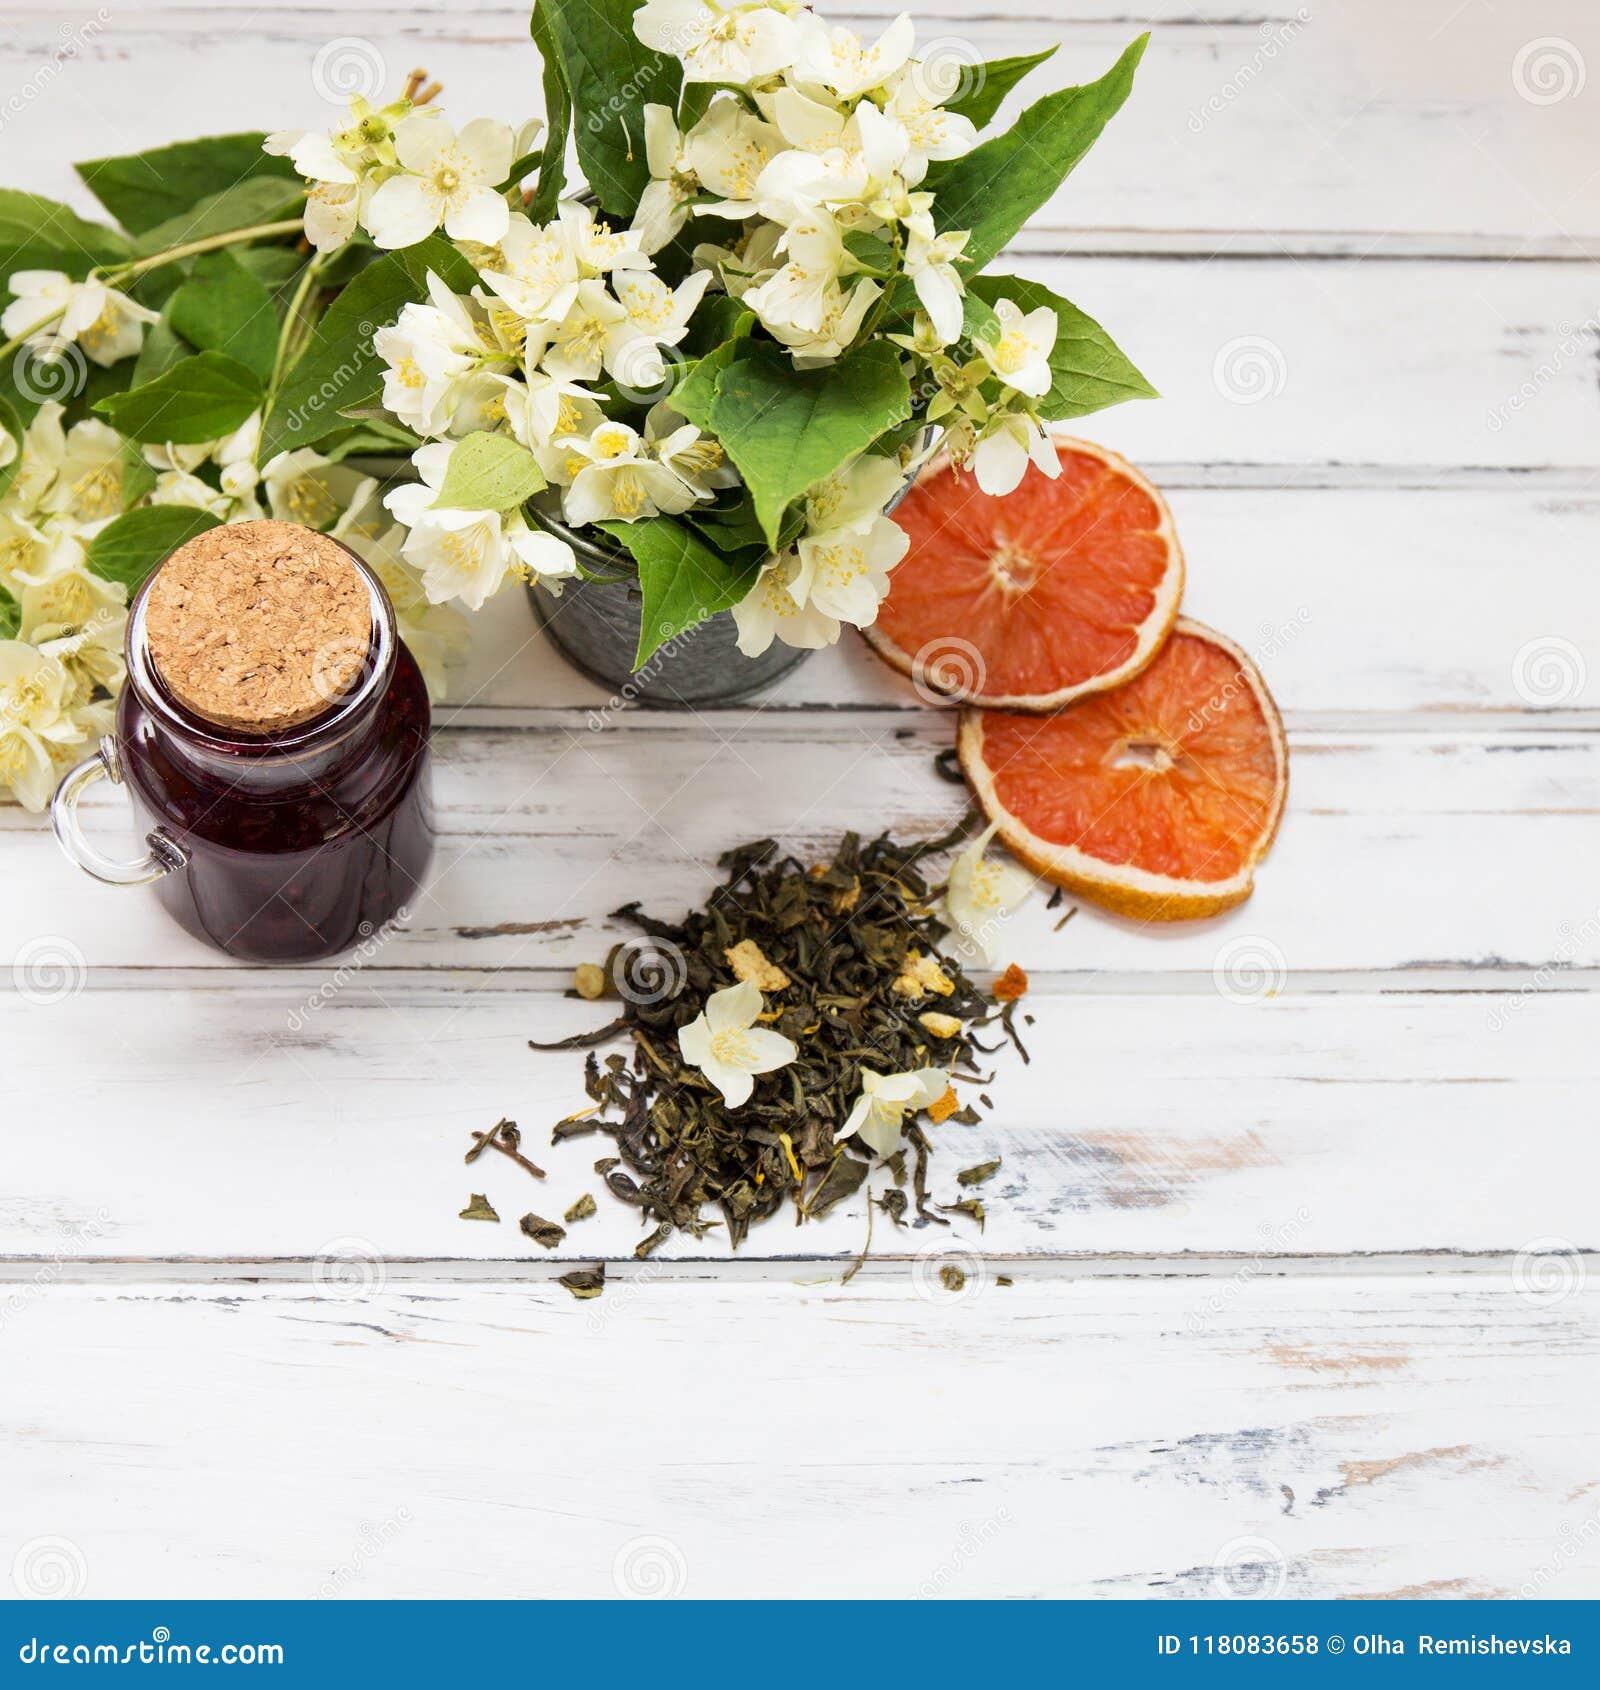 Jasmine Dry Green Tea Leaves With Jasmine Flowers Stock Photo